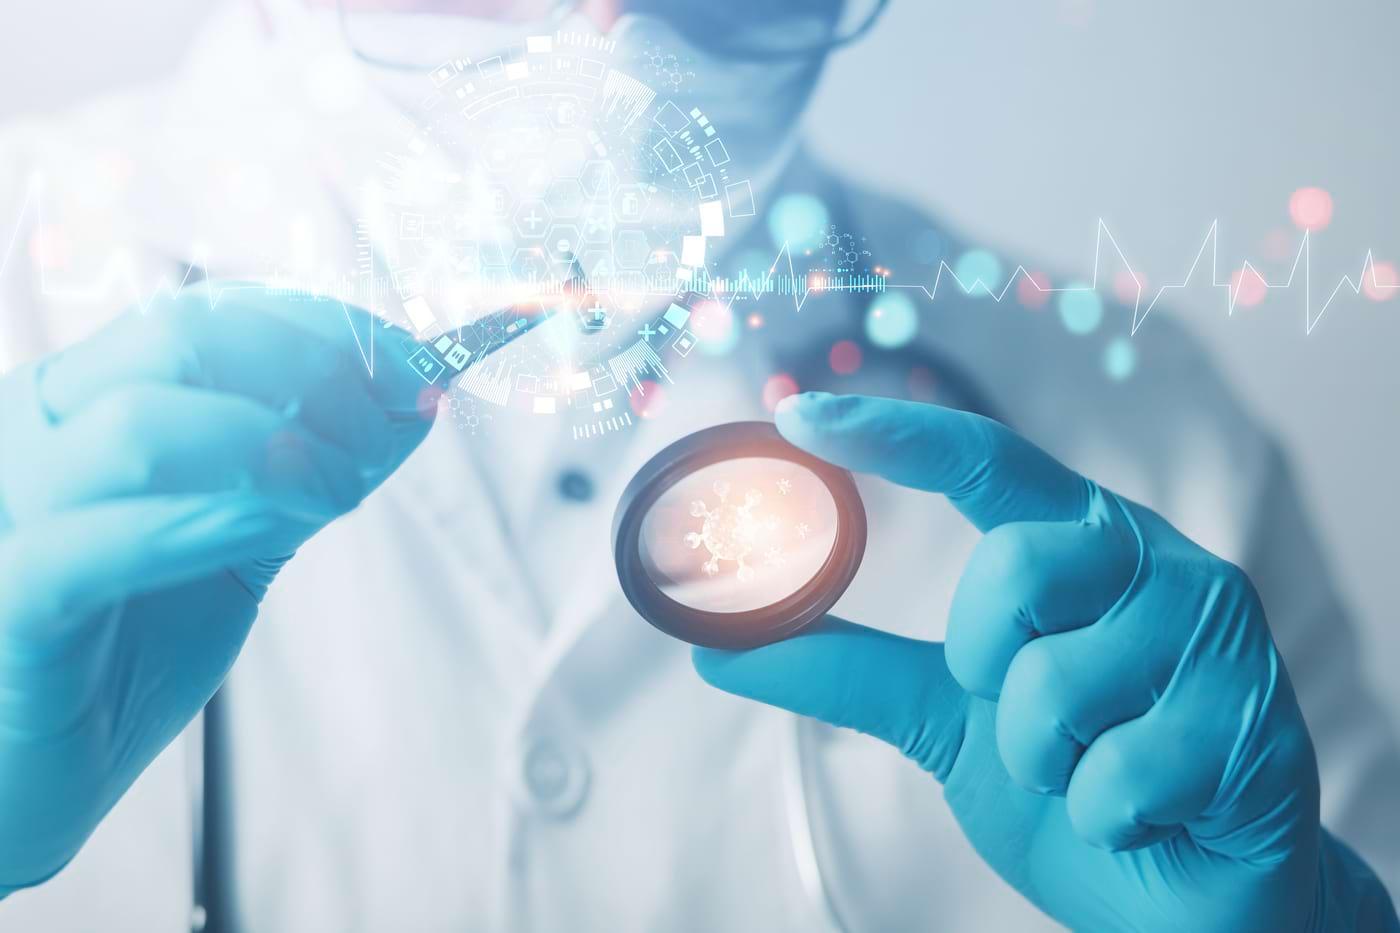 Fenofibratul dovedește reducerea infecției cu SARS-CoV-2 în studiile de laborator